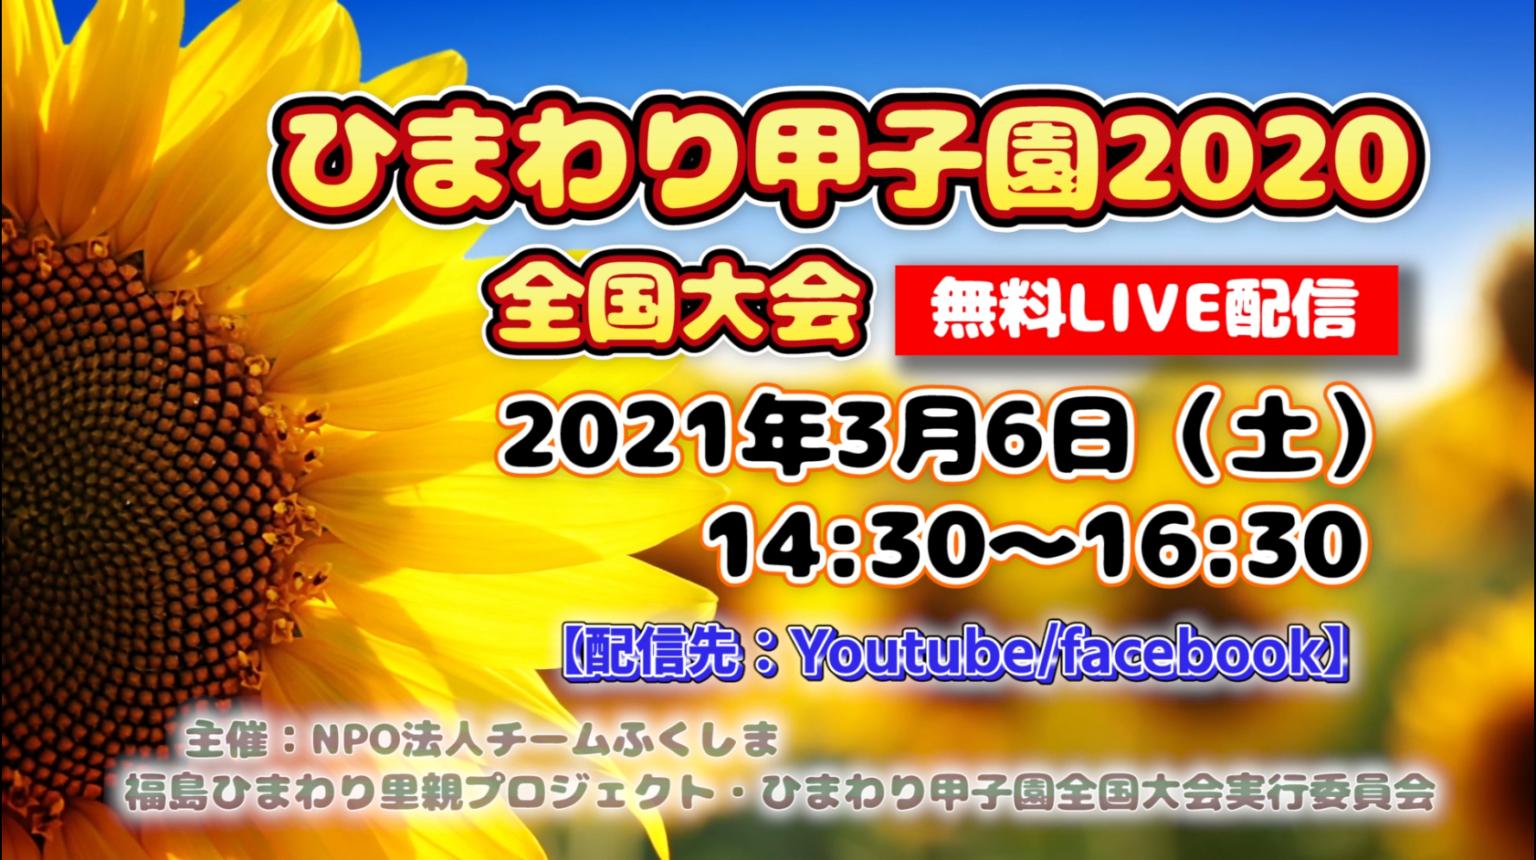 ひまわり甲子園2020全国大会 アーカイブ動画配信中